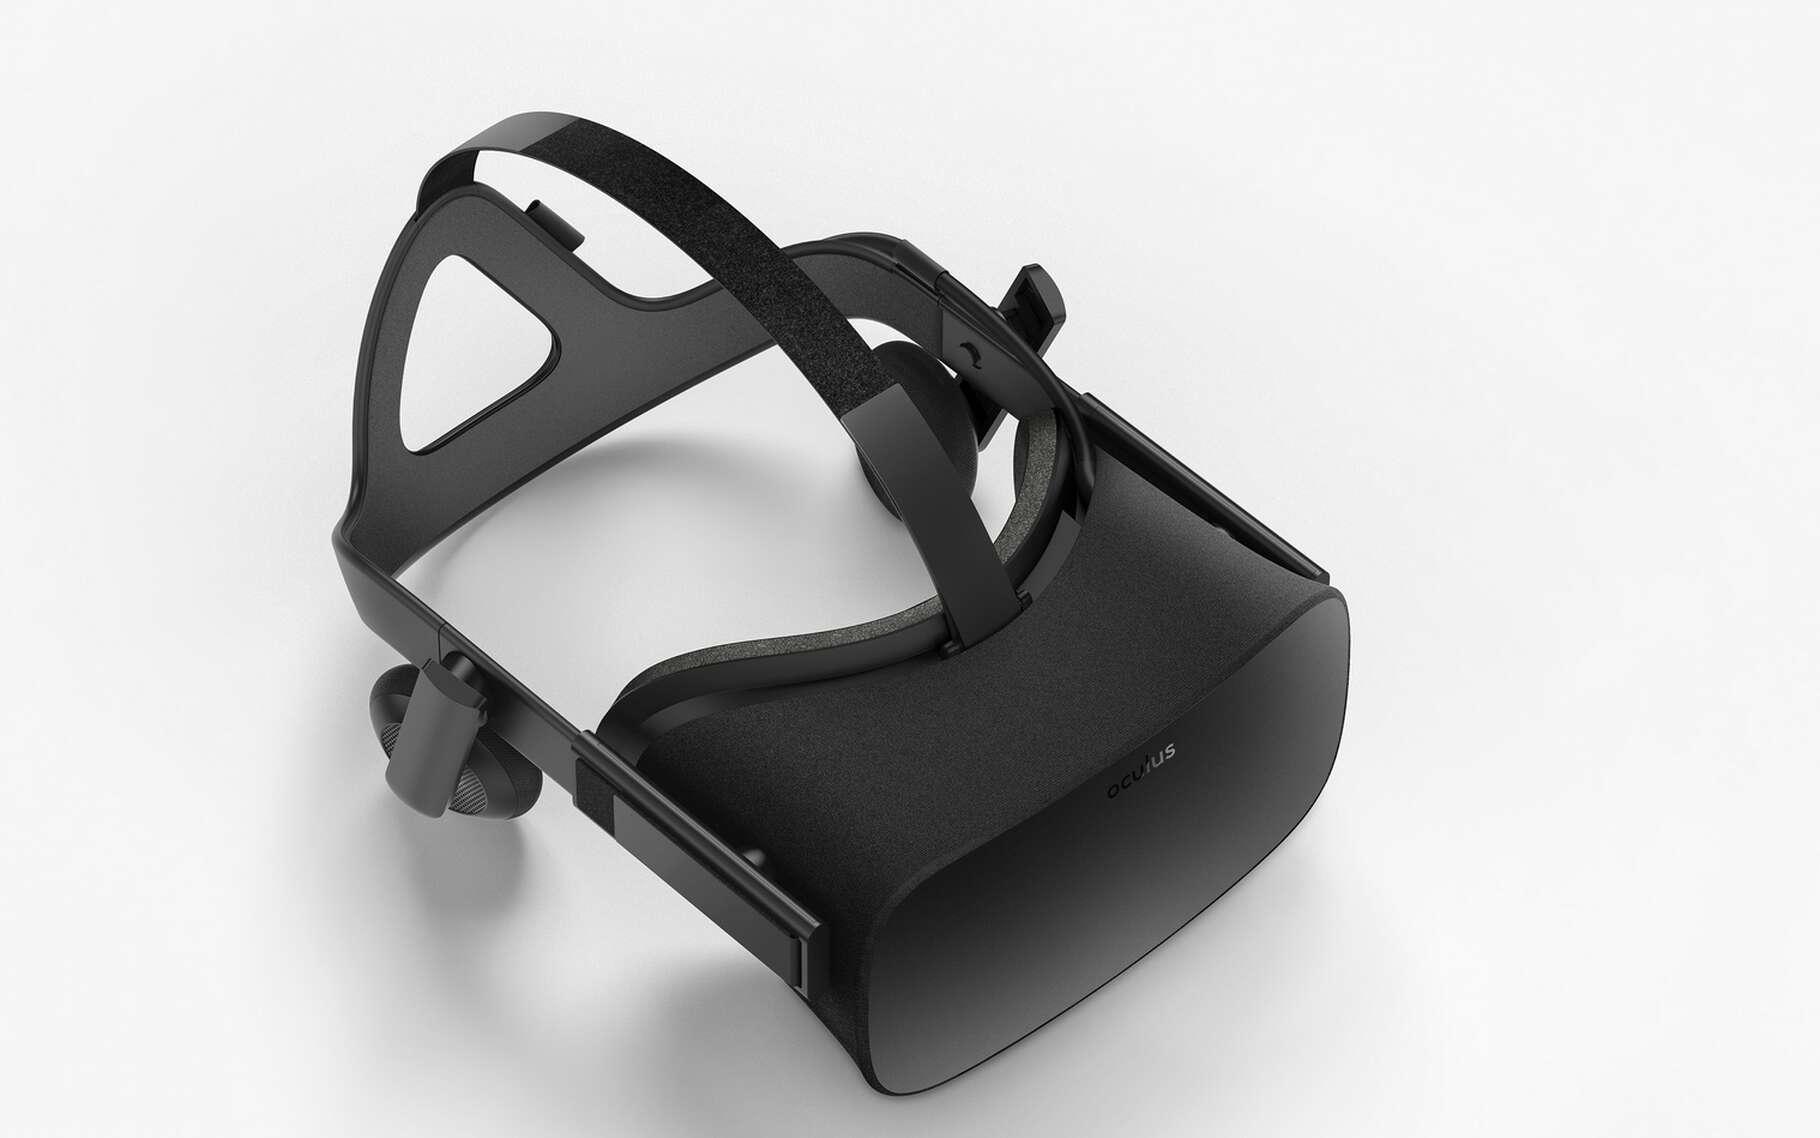 Le casque Oculus Rift est le fruit de quatre années de développement. © Oculus VR